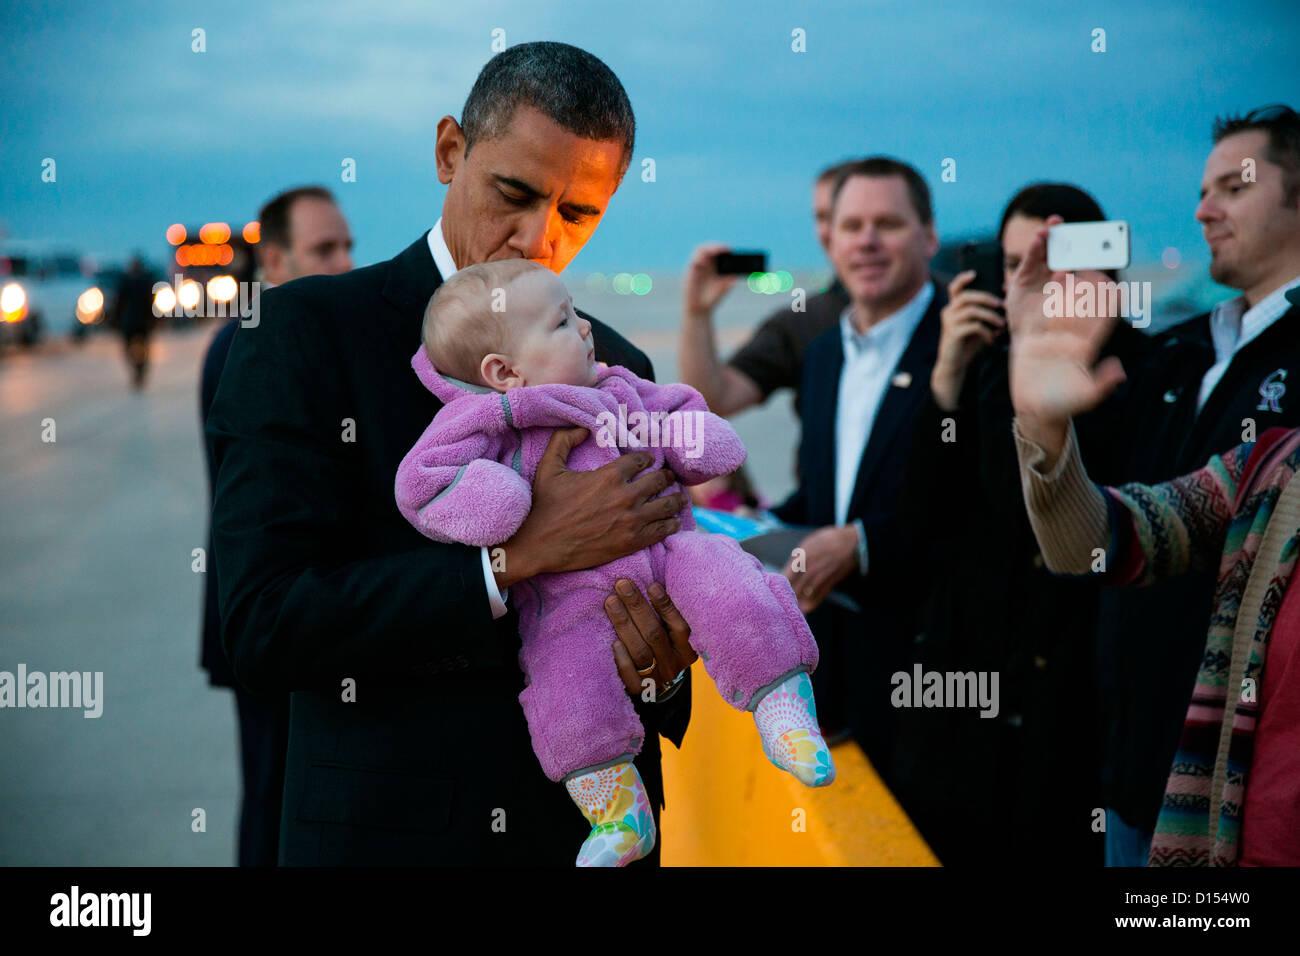 El presidente estadounidense, Barack Obama, besa a un bebé en el asfalto tras su llegada en una campaña Imagen De Stock